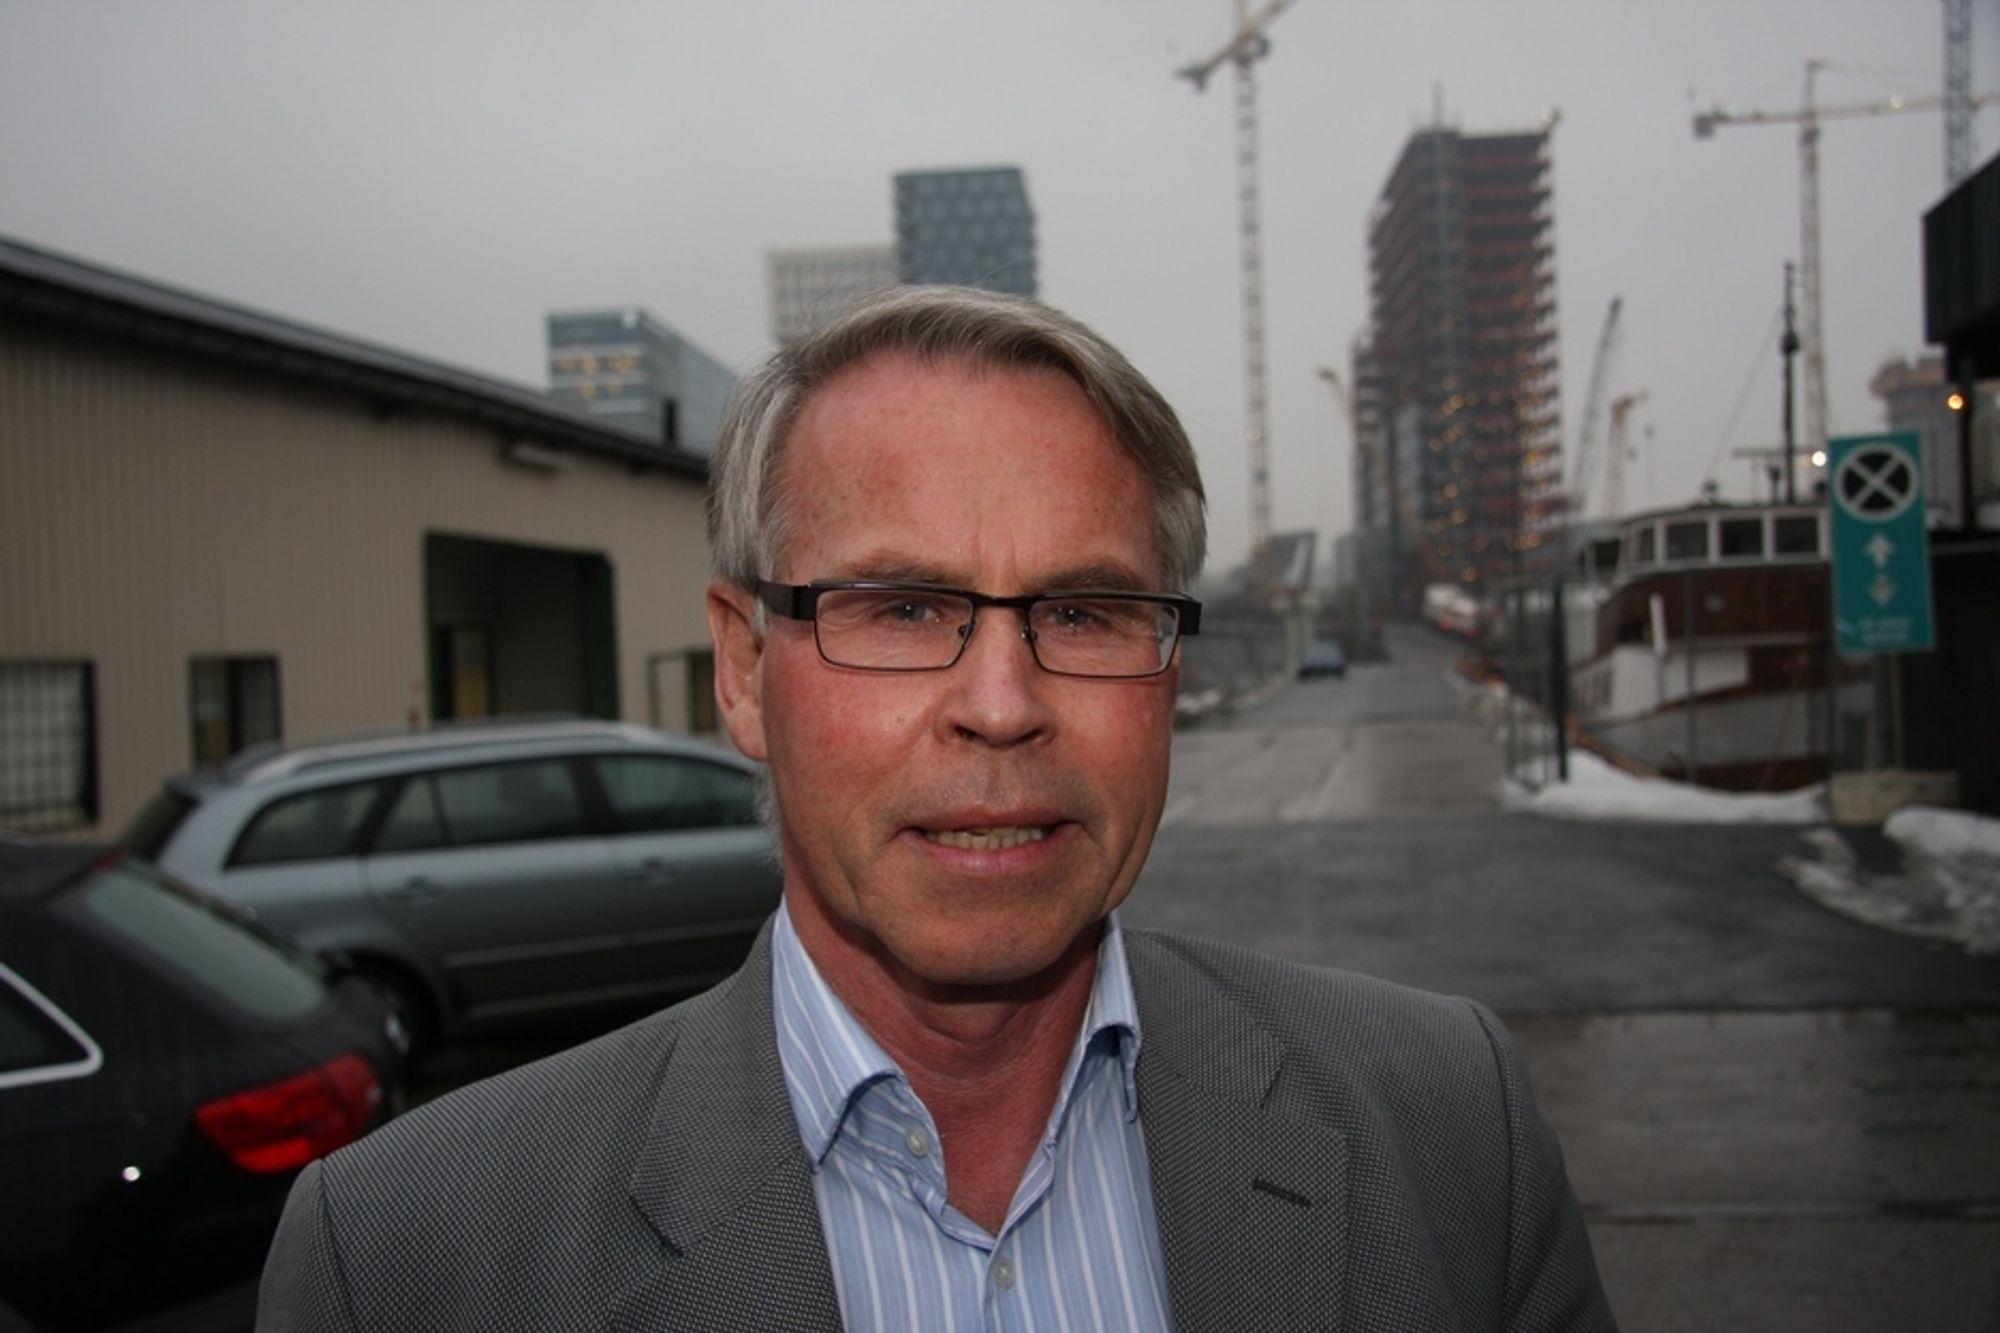 MÅ HANDLE NÅ: - Regjeringen må ta grep og prioritere utbyggingen av intercity-triangelet nå, sier Advansia-direktør Bjørn Sund.